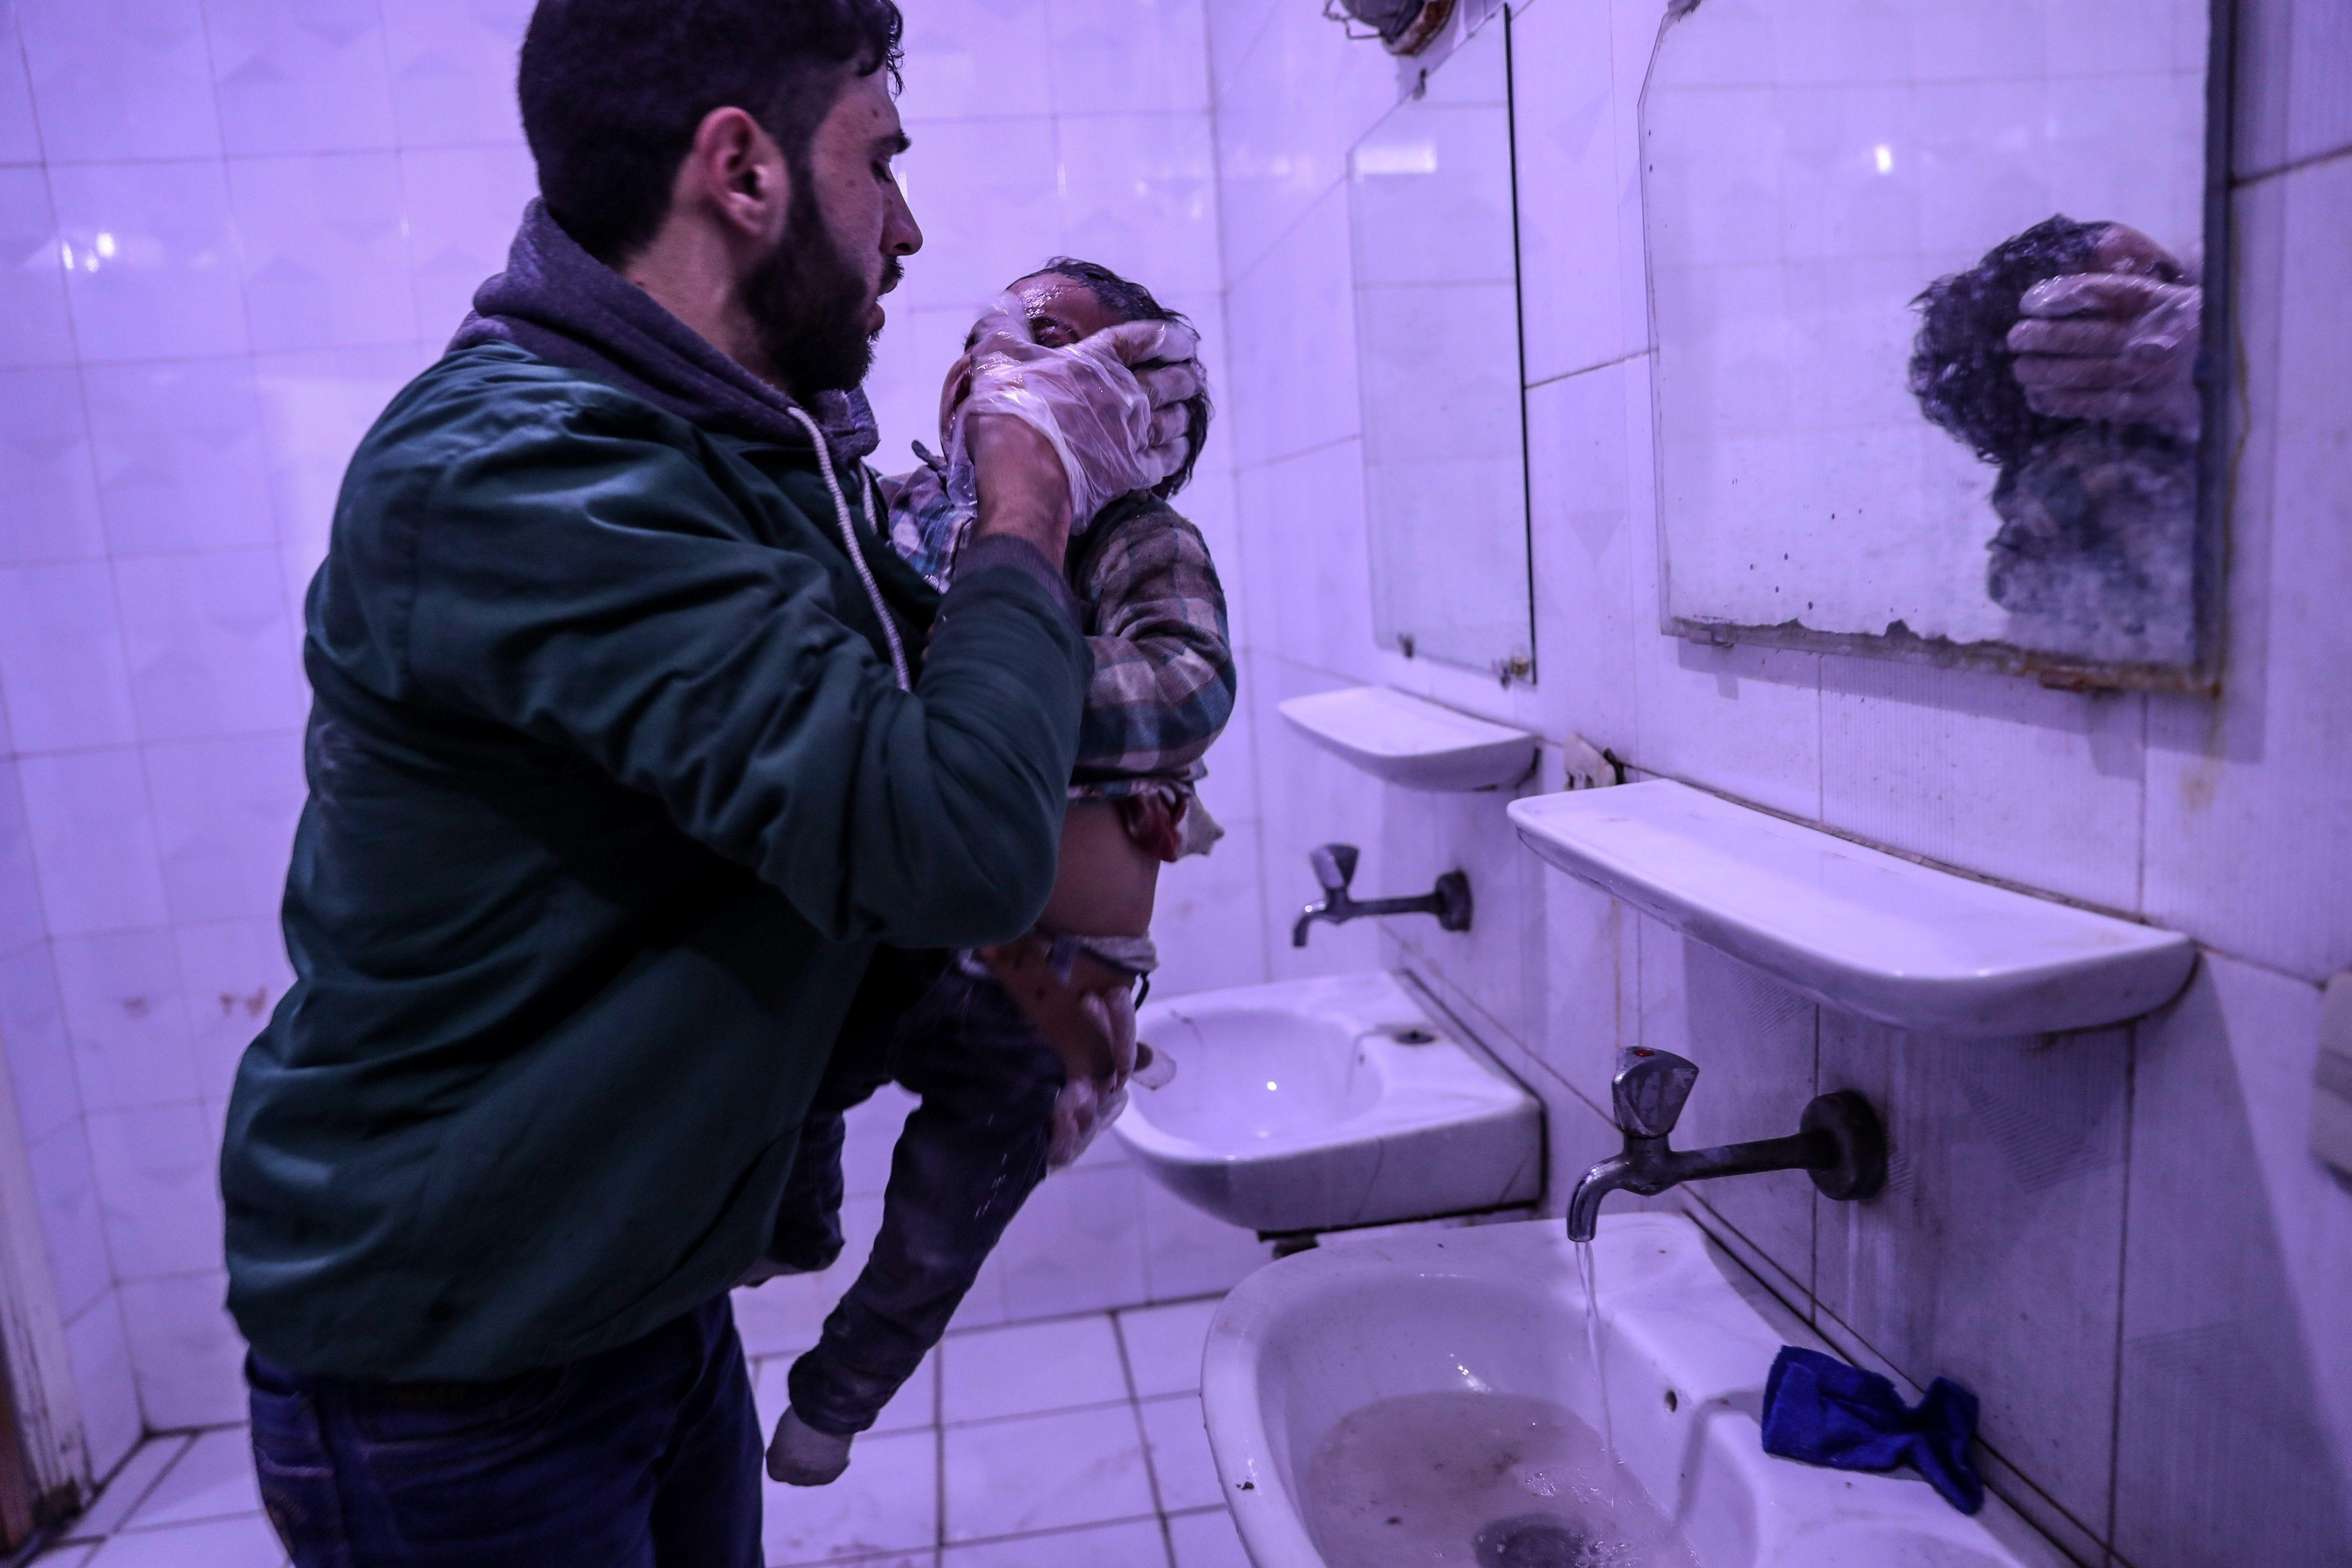 Un nin rep tractament mèdic en resultar ferit en un bombardeig en Duma, a l'est Guta, Síria. /MOHAMMED BADRA